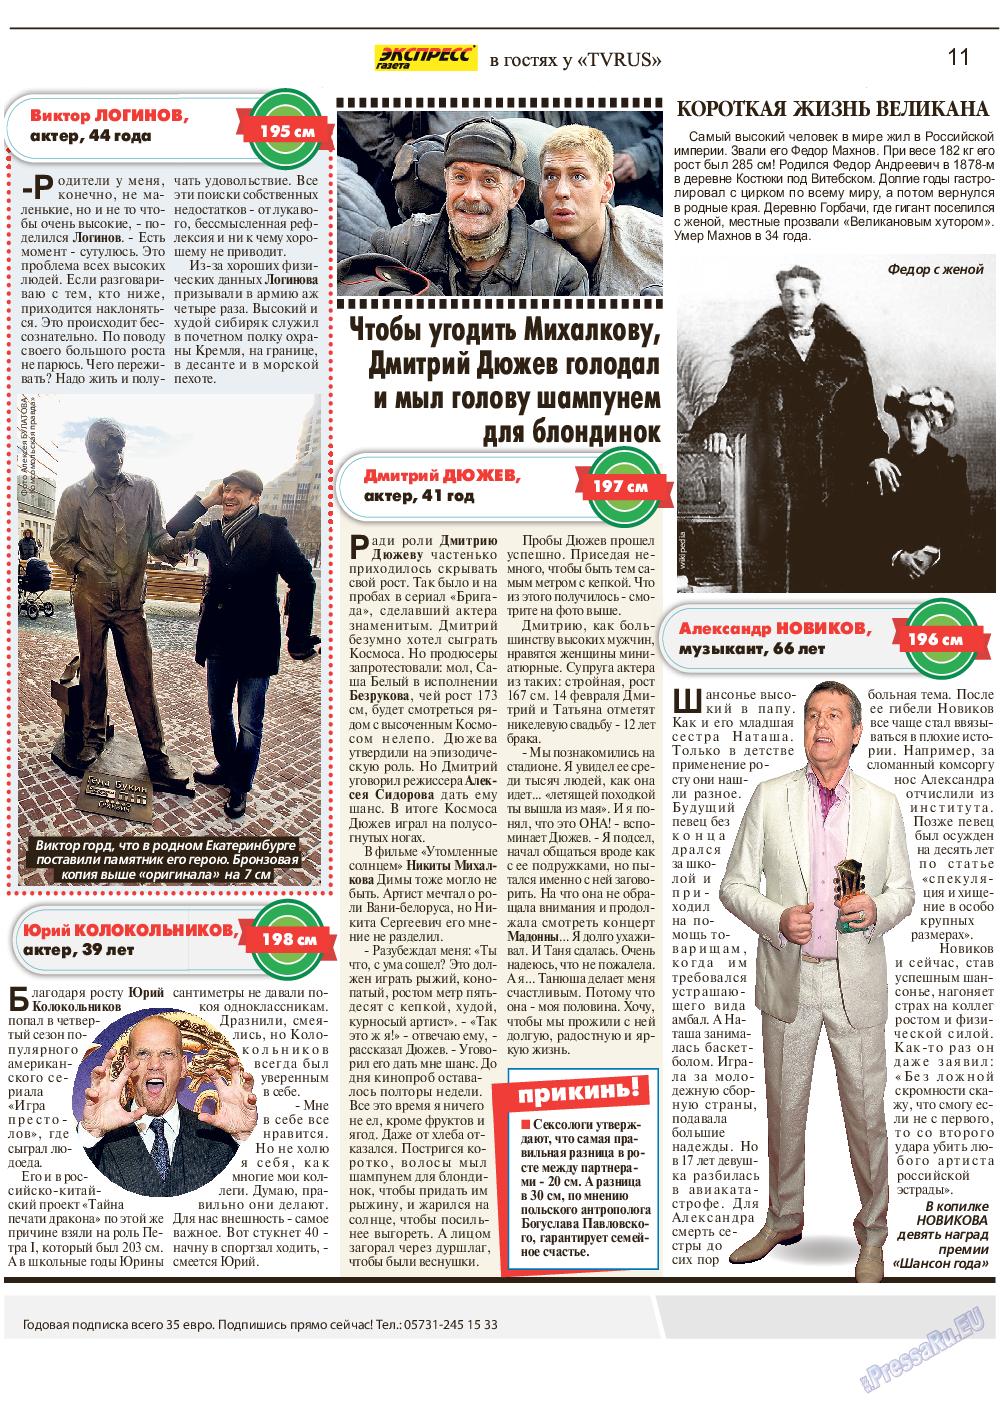 TVrus (газета). 2020 год, номер 8, стр. 11